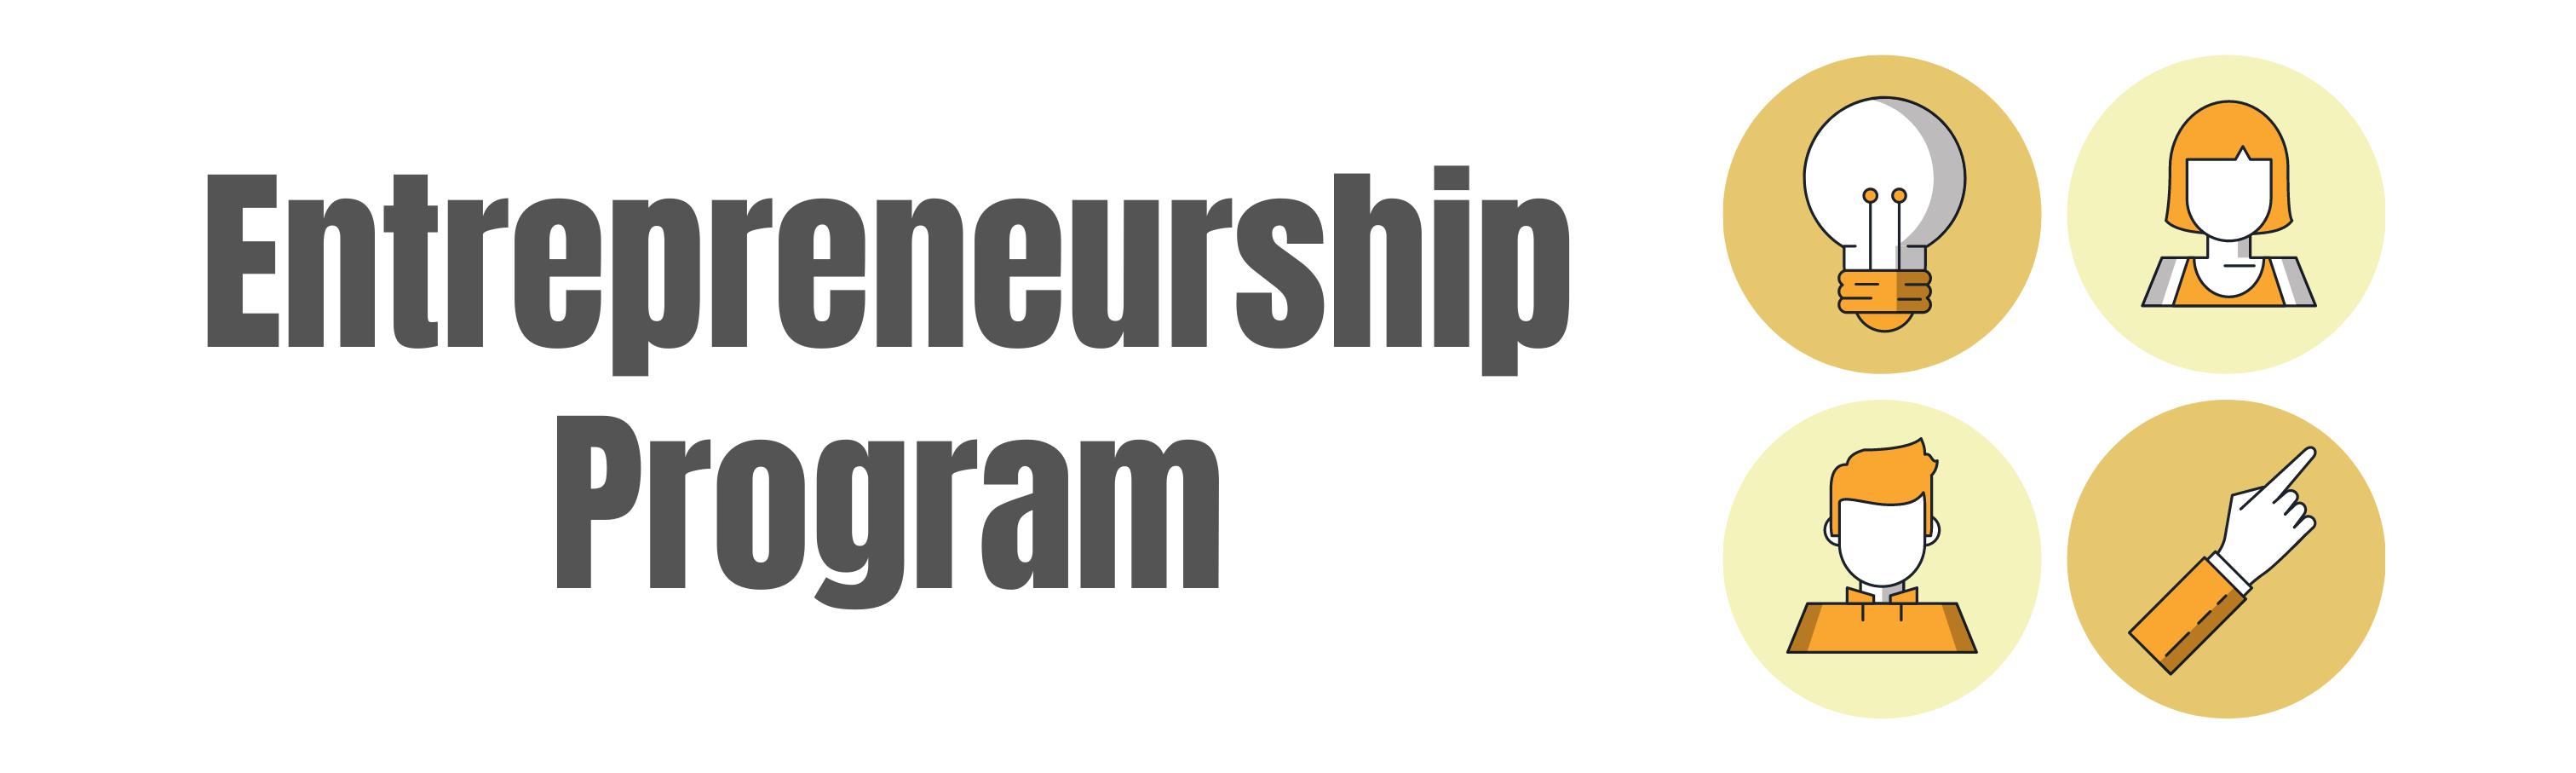 entrepreneurship program